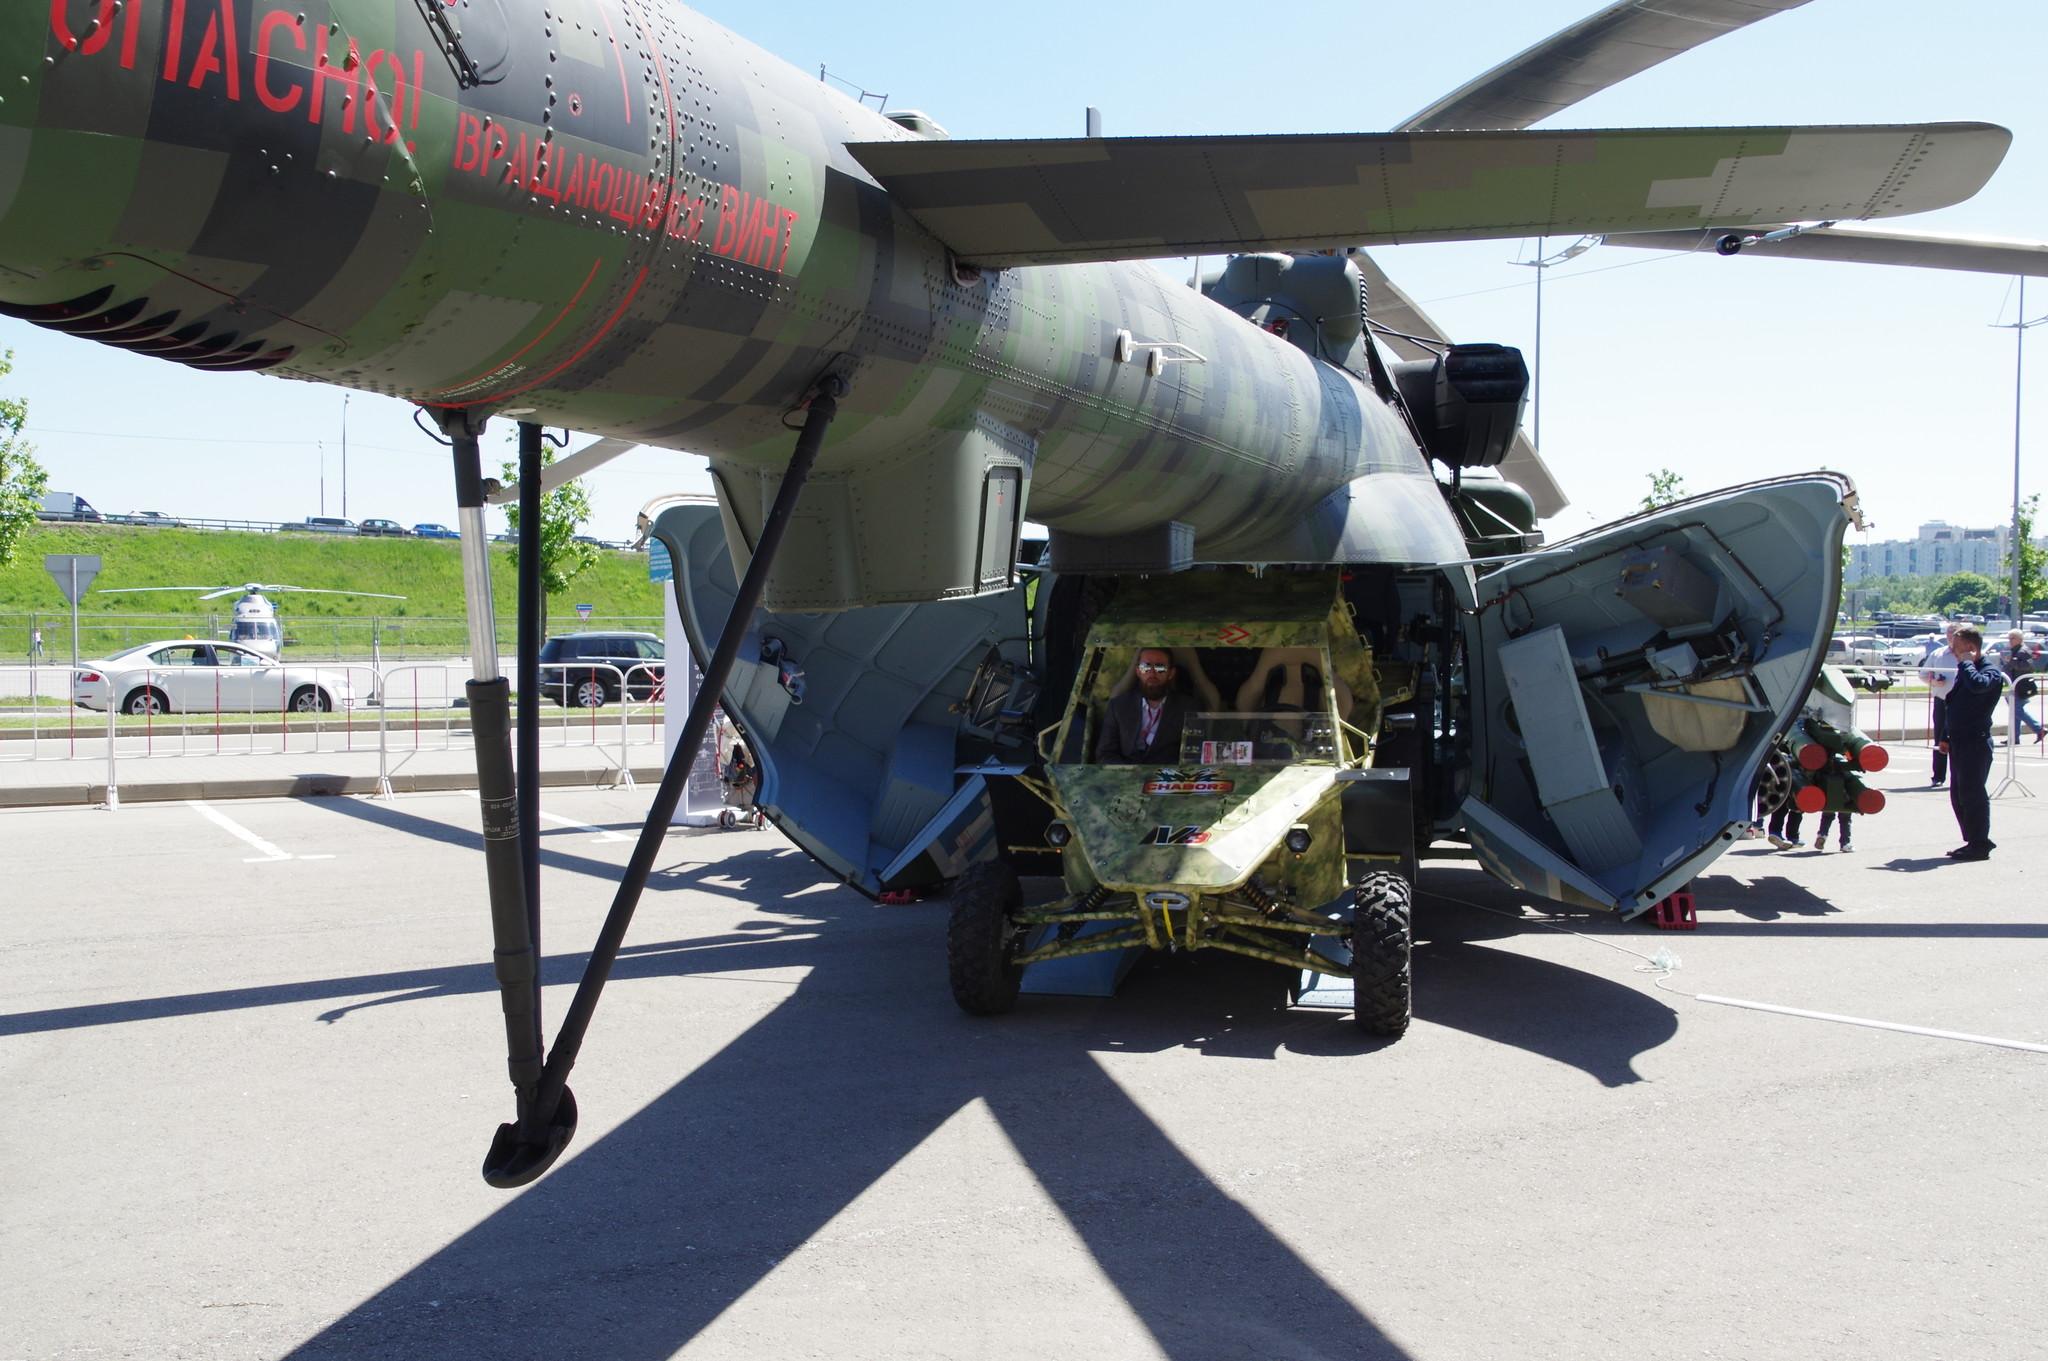 Военно-транспортный вертолёт Ми-171Ш и лёгкий автовездеход Багги Чаборз М-3